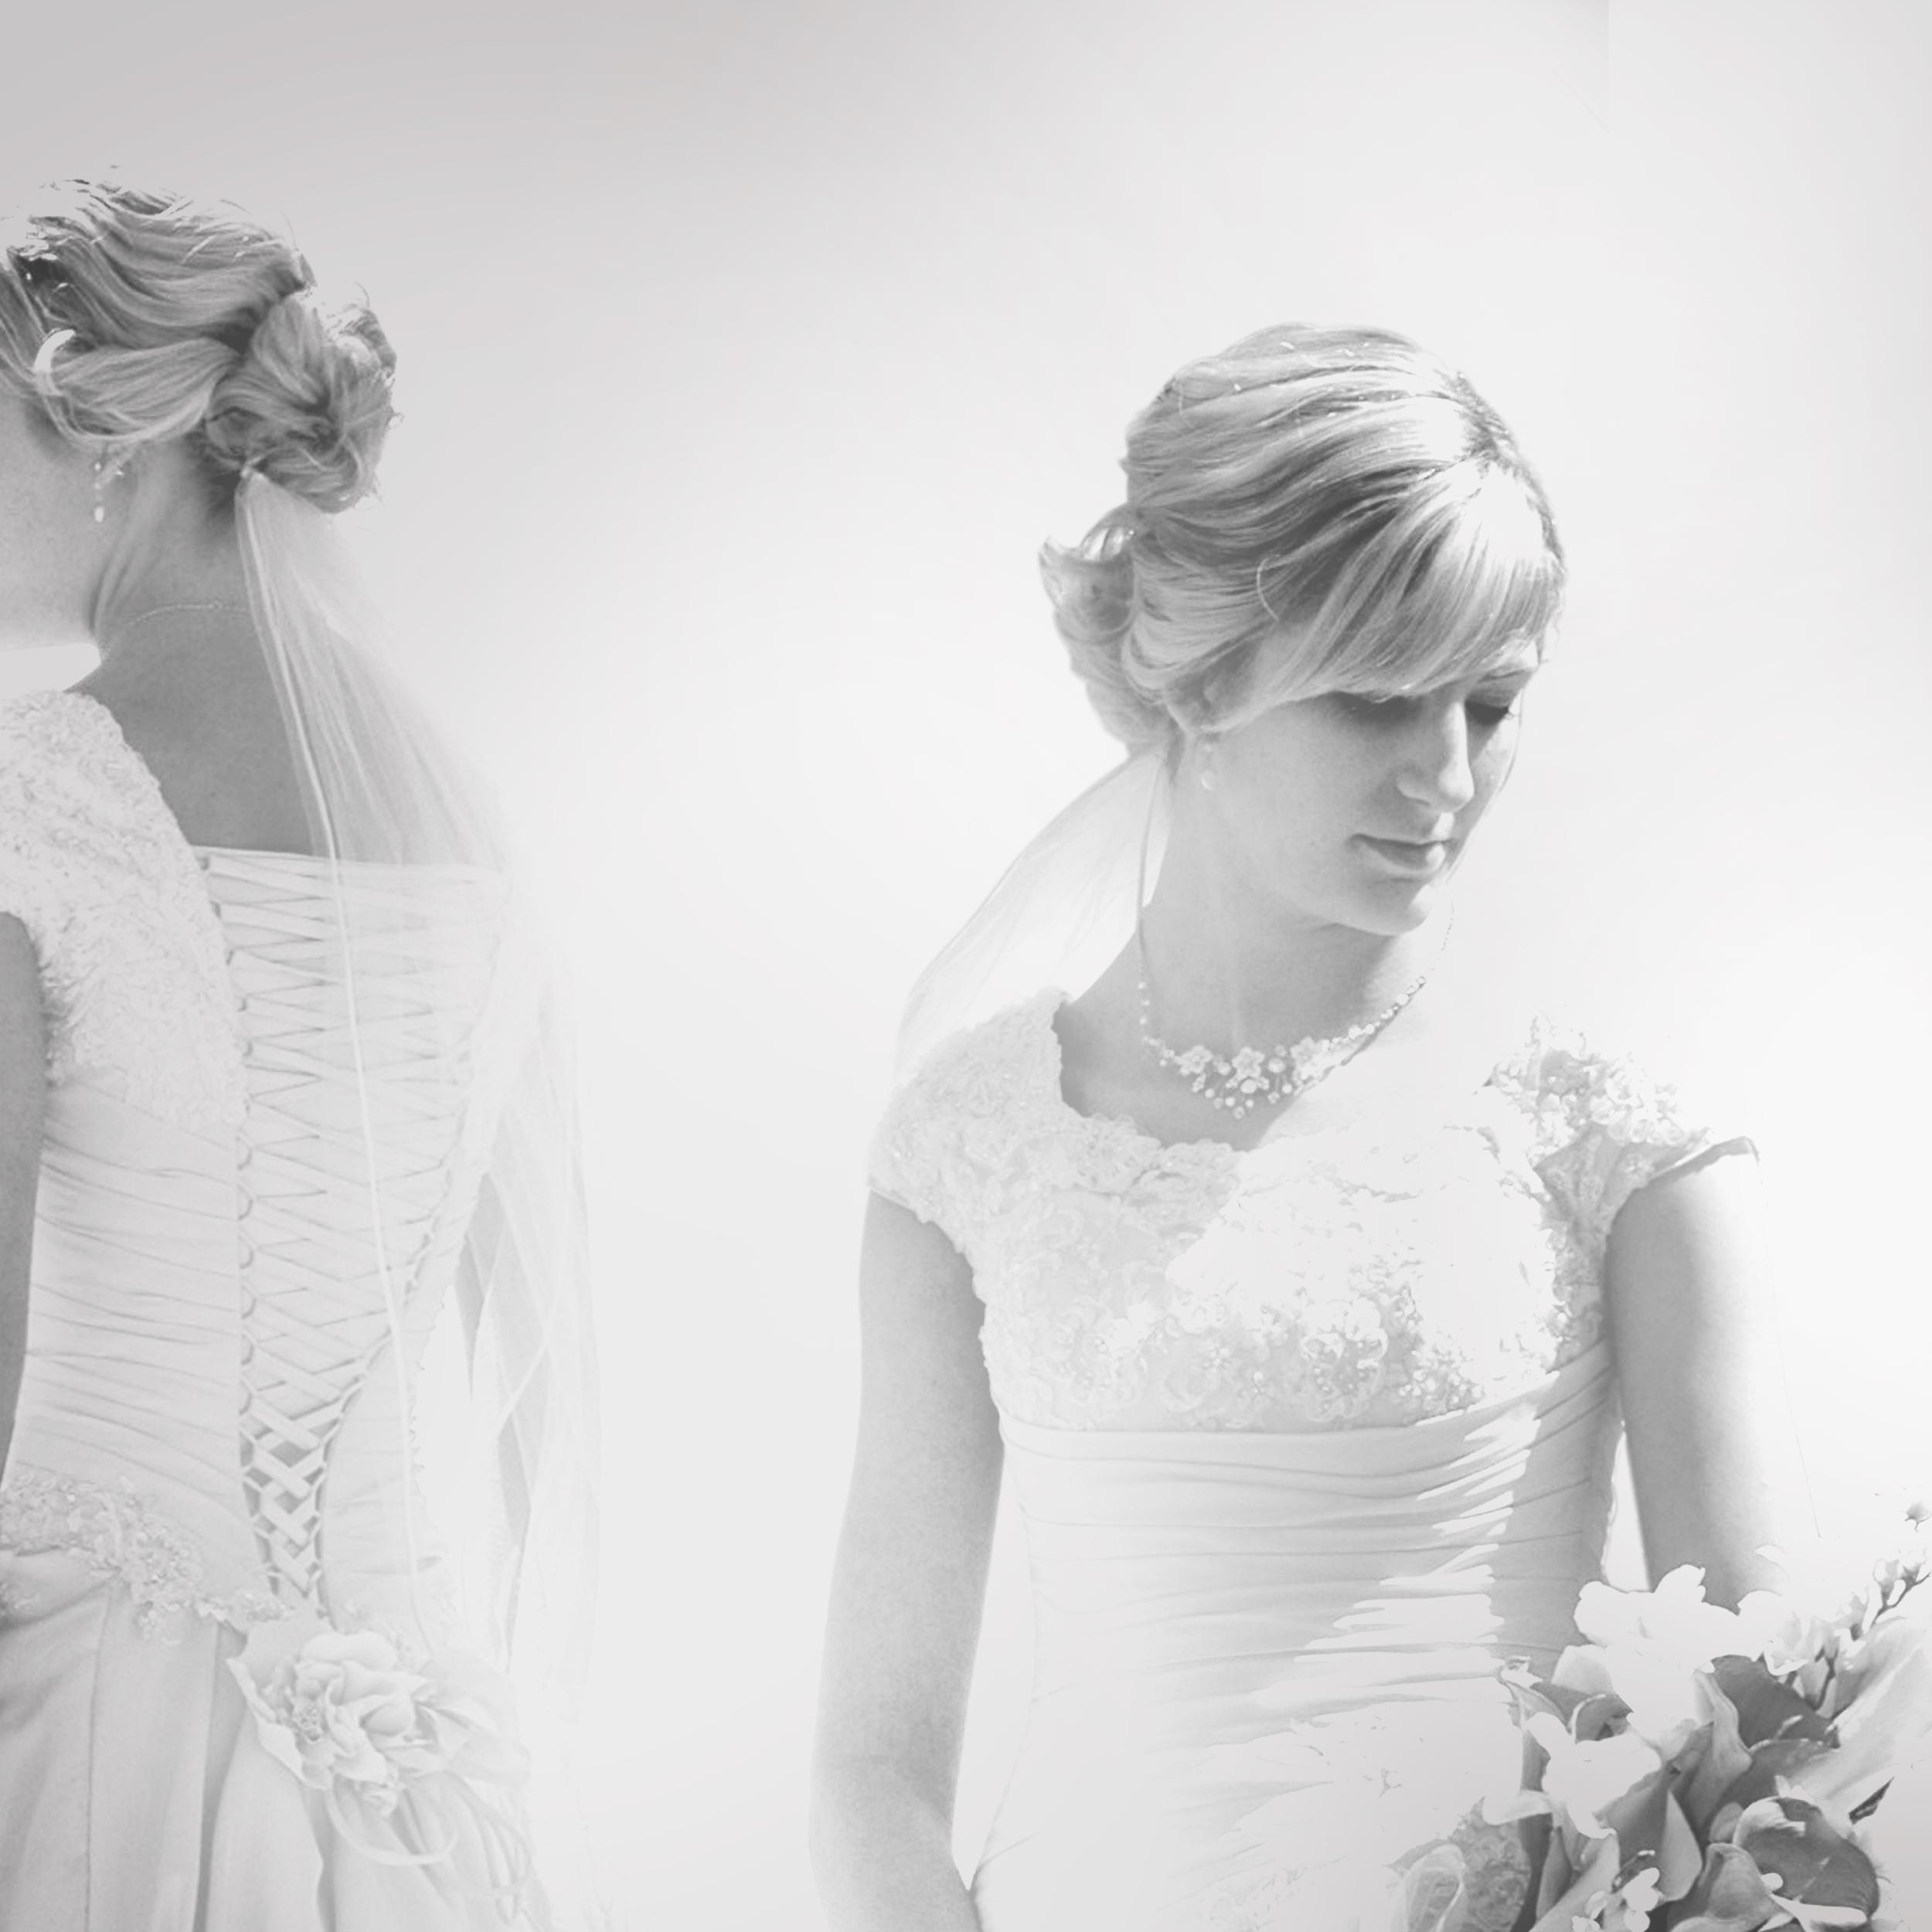 salt lake portrait photography / unique portraits / fine art portraits / alternative wedding photography